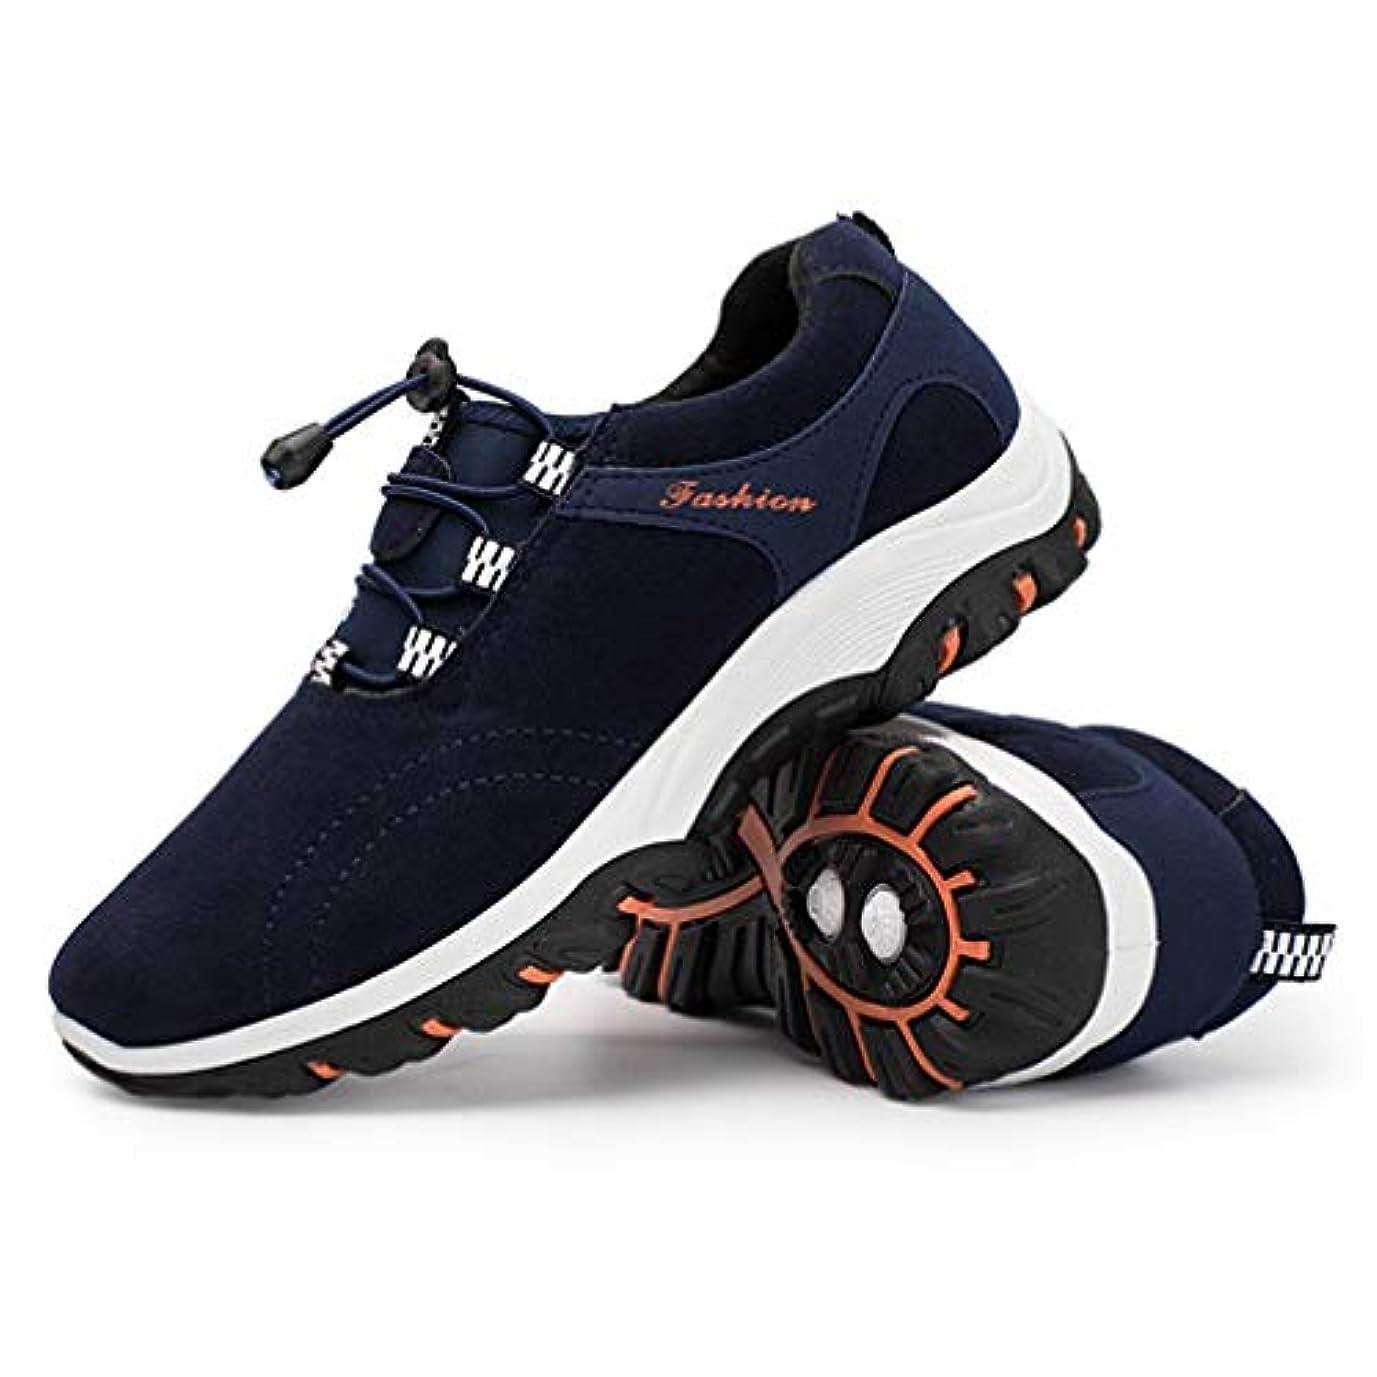 モード苦しみ反論トレッキングシューズ メンズ 登山靴 大きいサイズ ウォーキング 運動靴 ハイキング ローカット 軽量 滑りにくい アウトドア スニーカー 黒 ダークブルー グレー 27cm